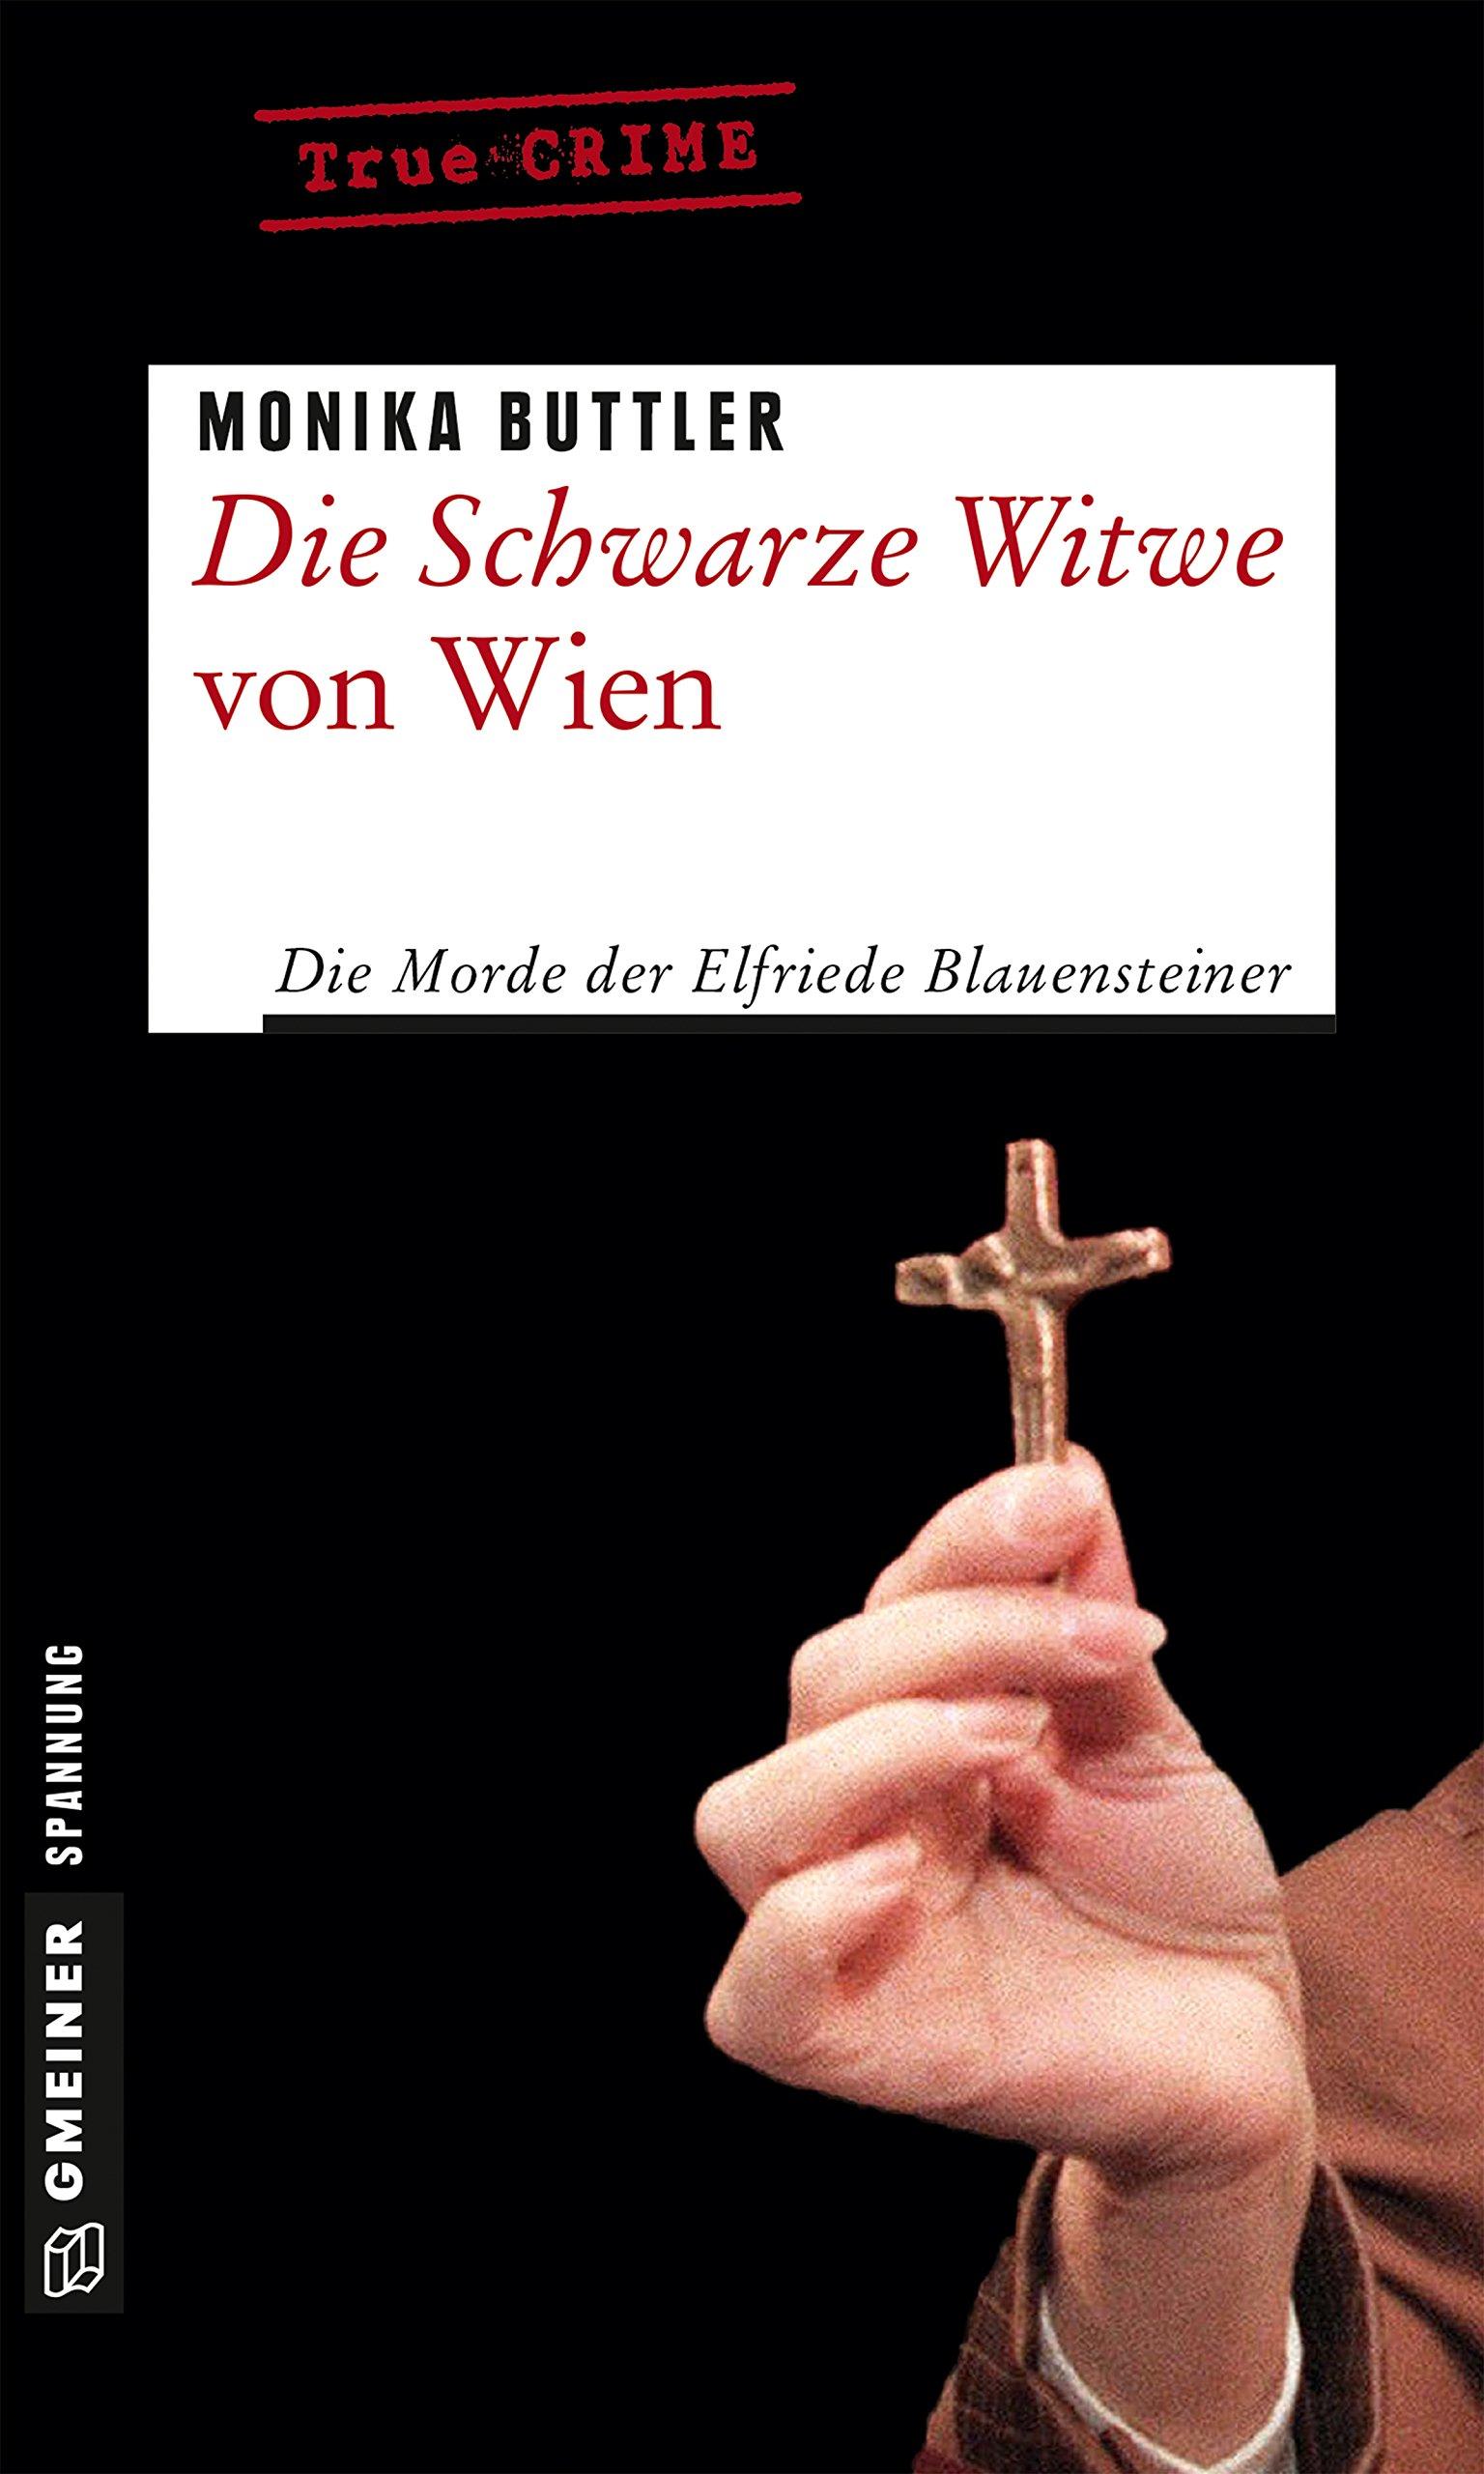 Die Schwarze Witwe von Wien: Kriminalgeschichte (Wahre Verbrechen im GMEINER-Verlag)